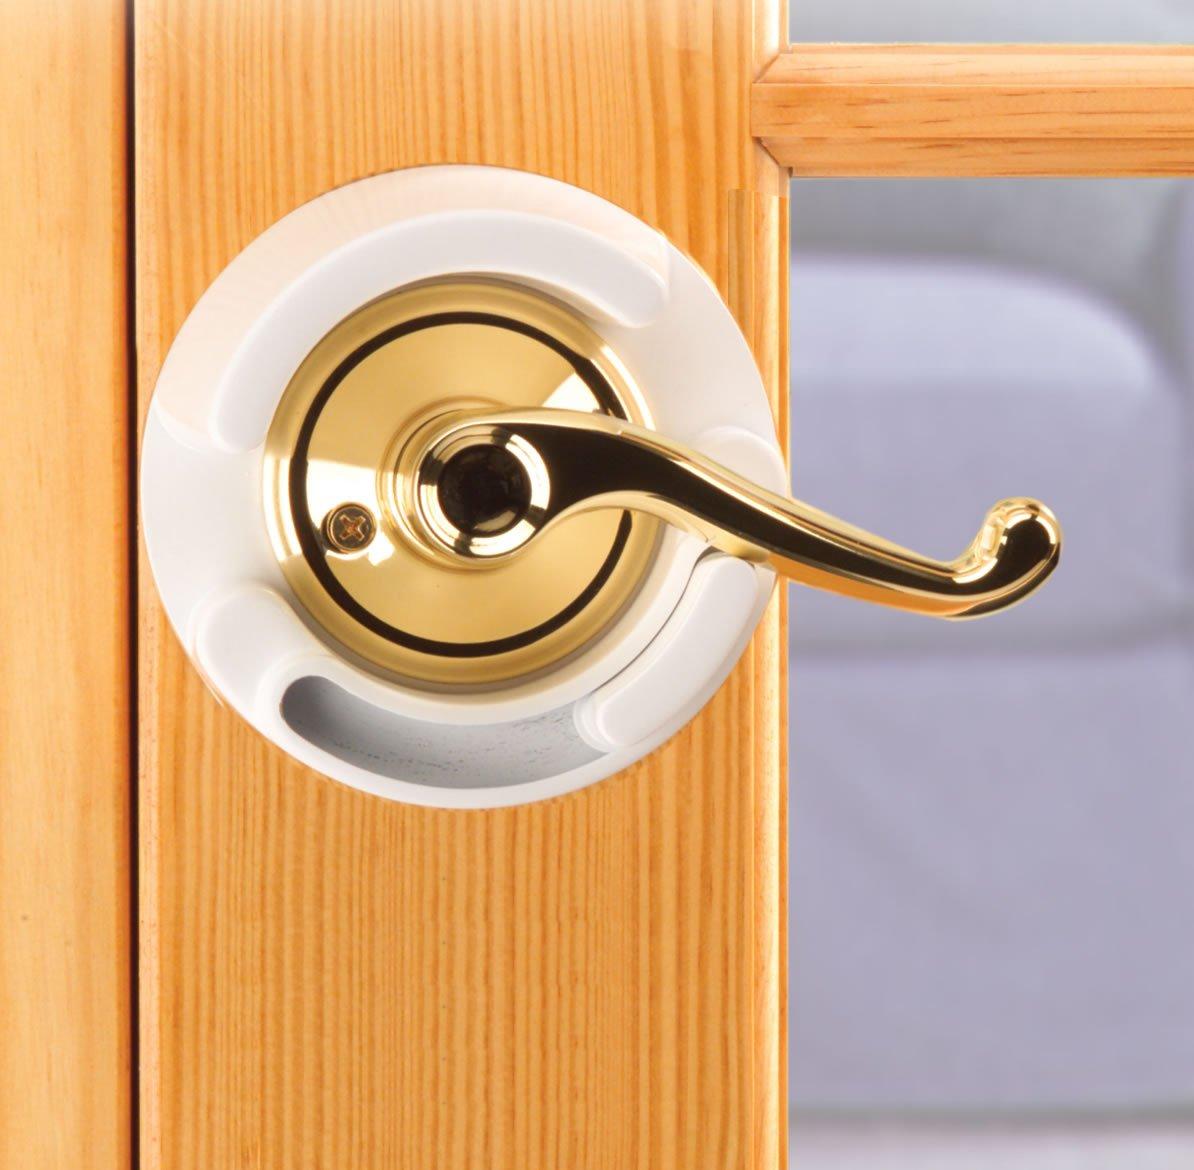 child proof door knob photo - 11